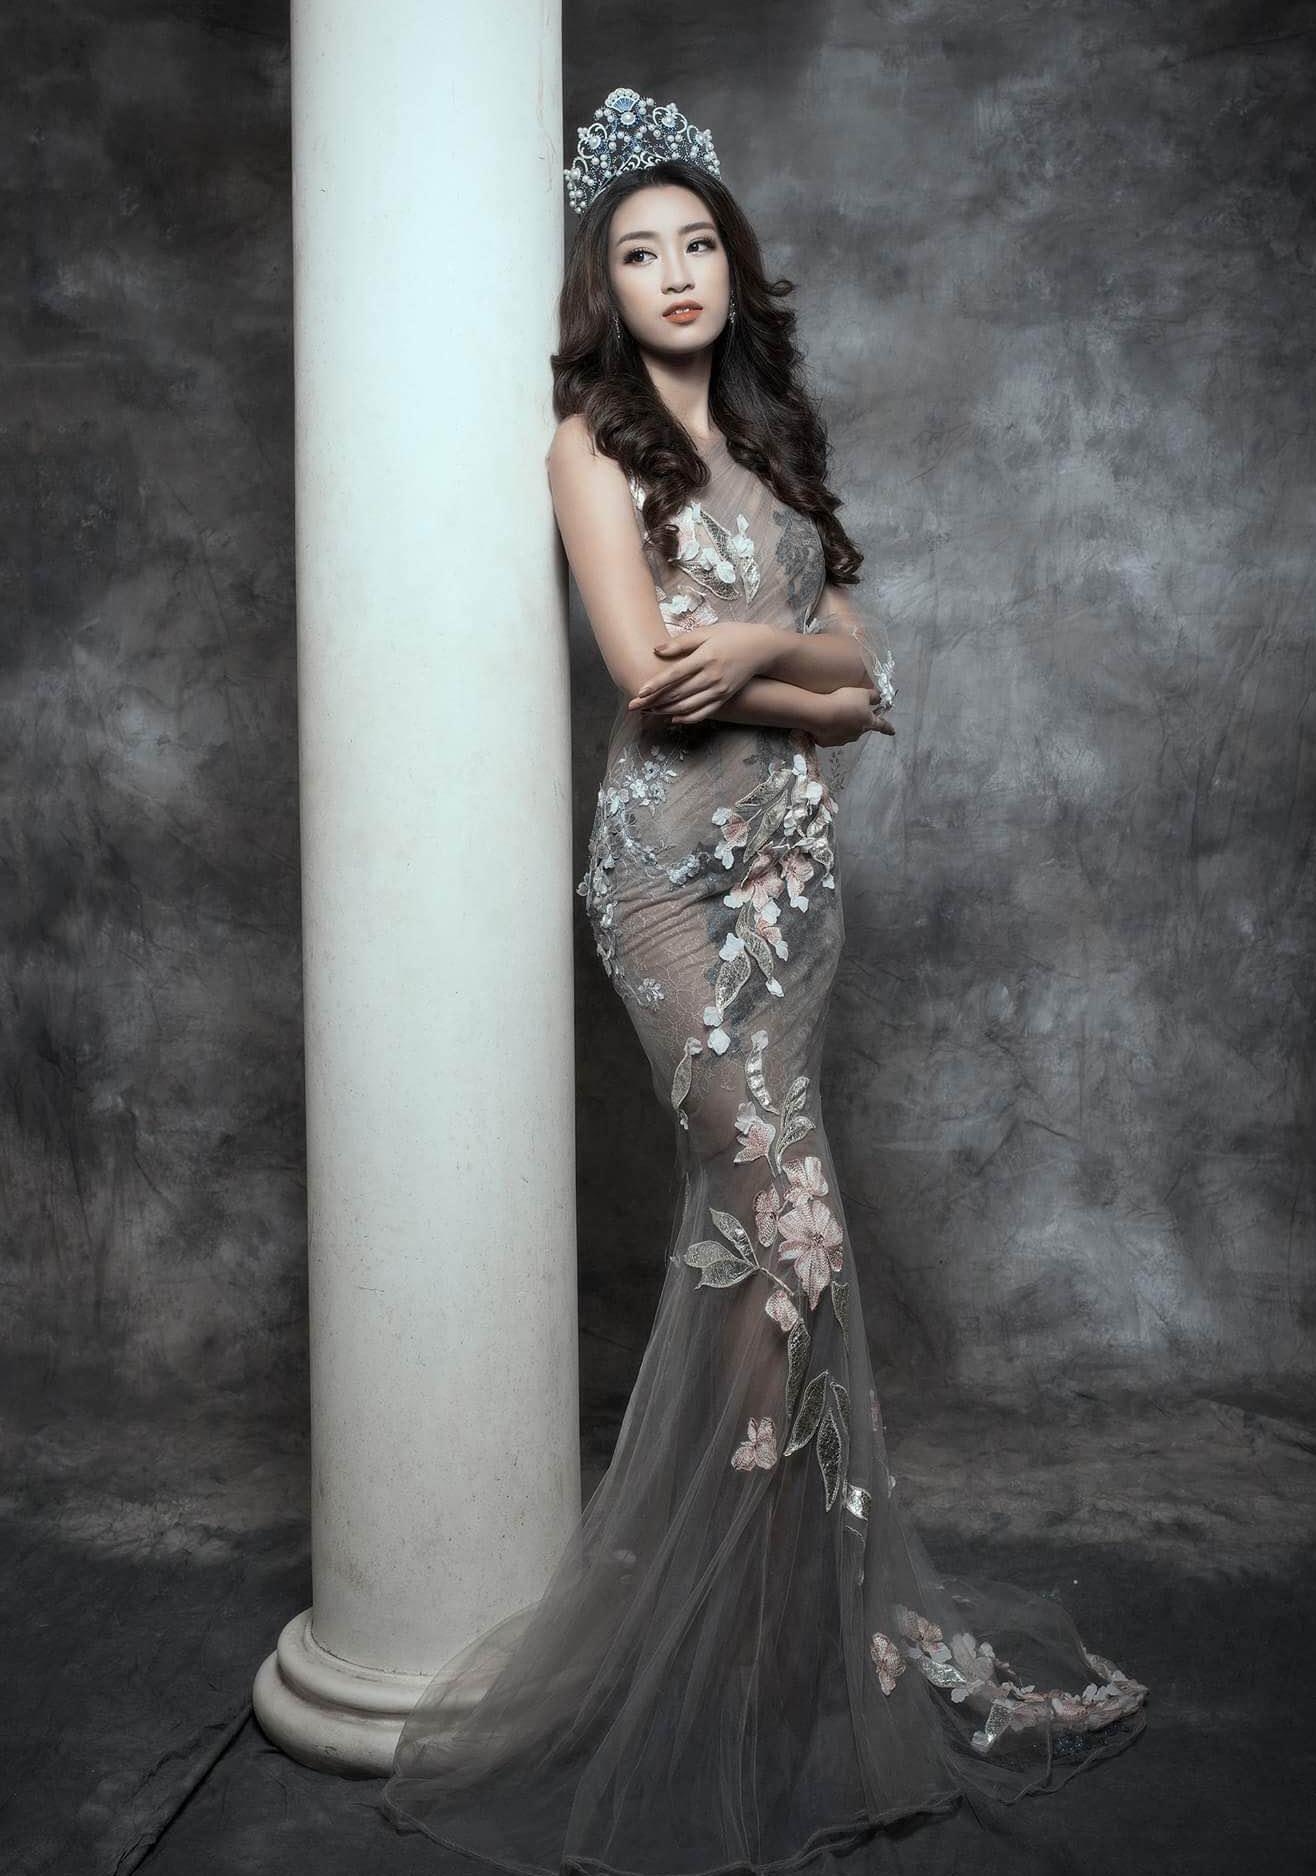 Hoa hậu đỗ mỹ linh quyến rũ trong thời trang dạ hội